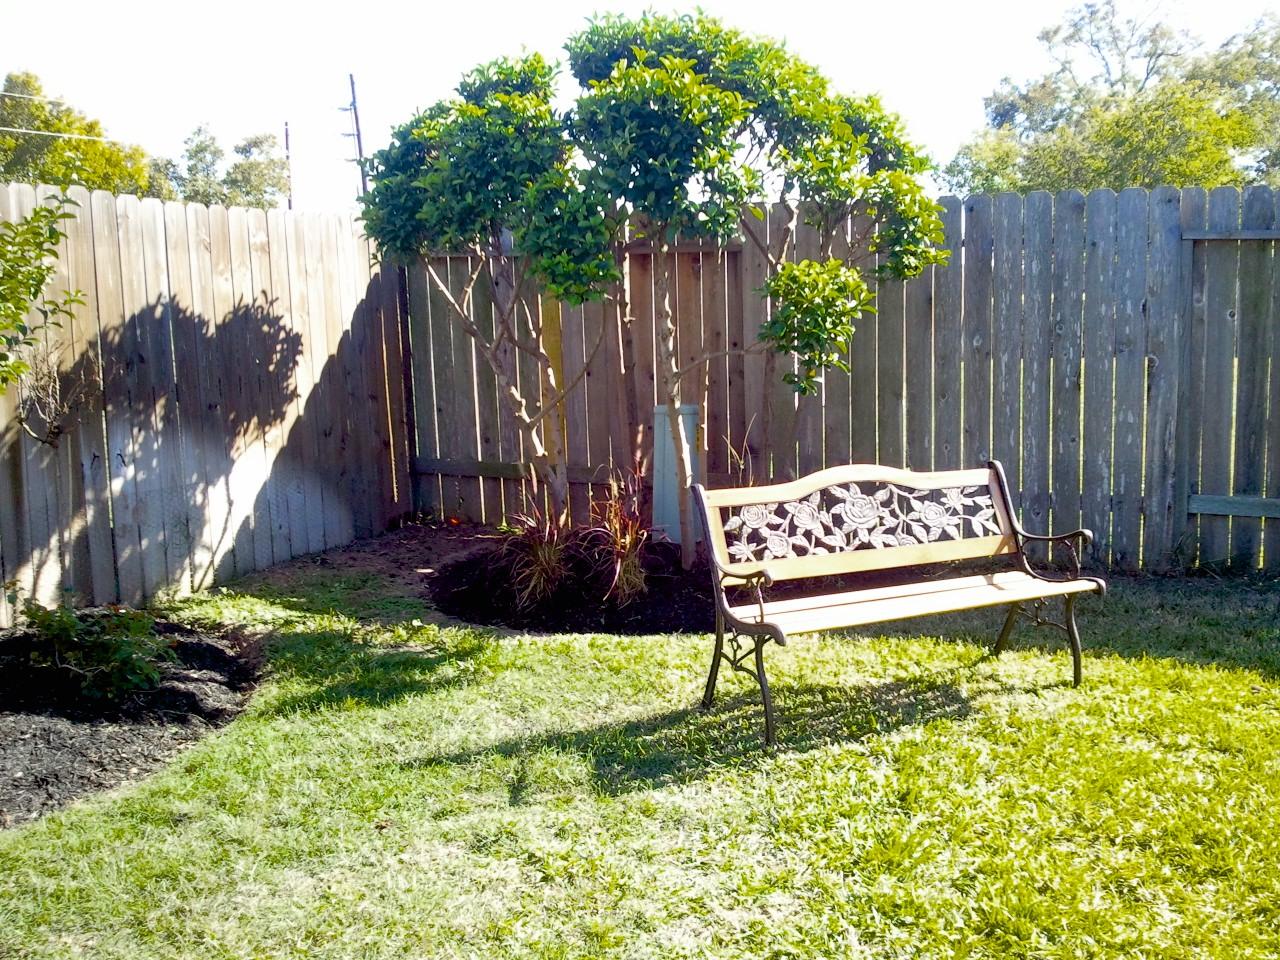 2011-11-04 15.22.07.jpg